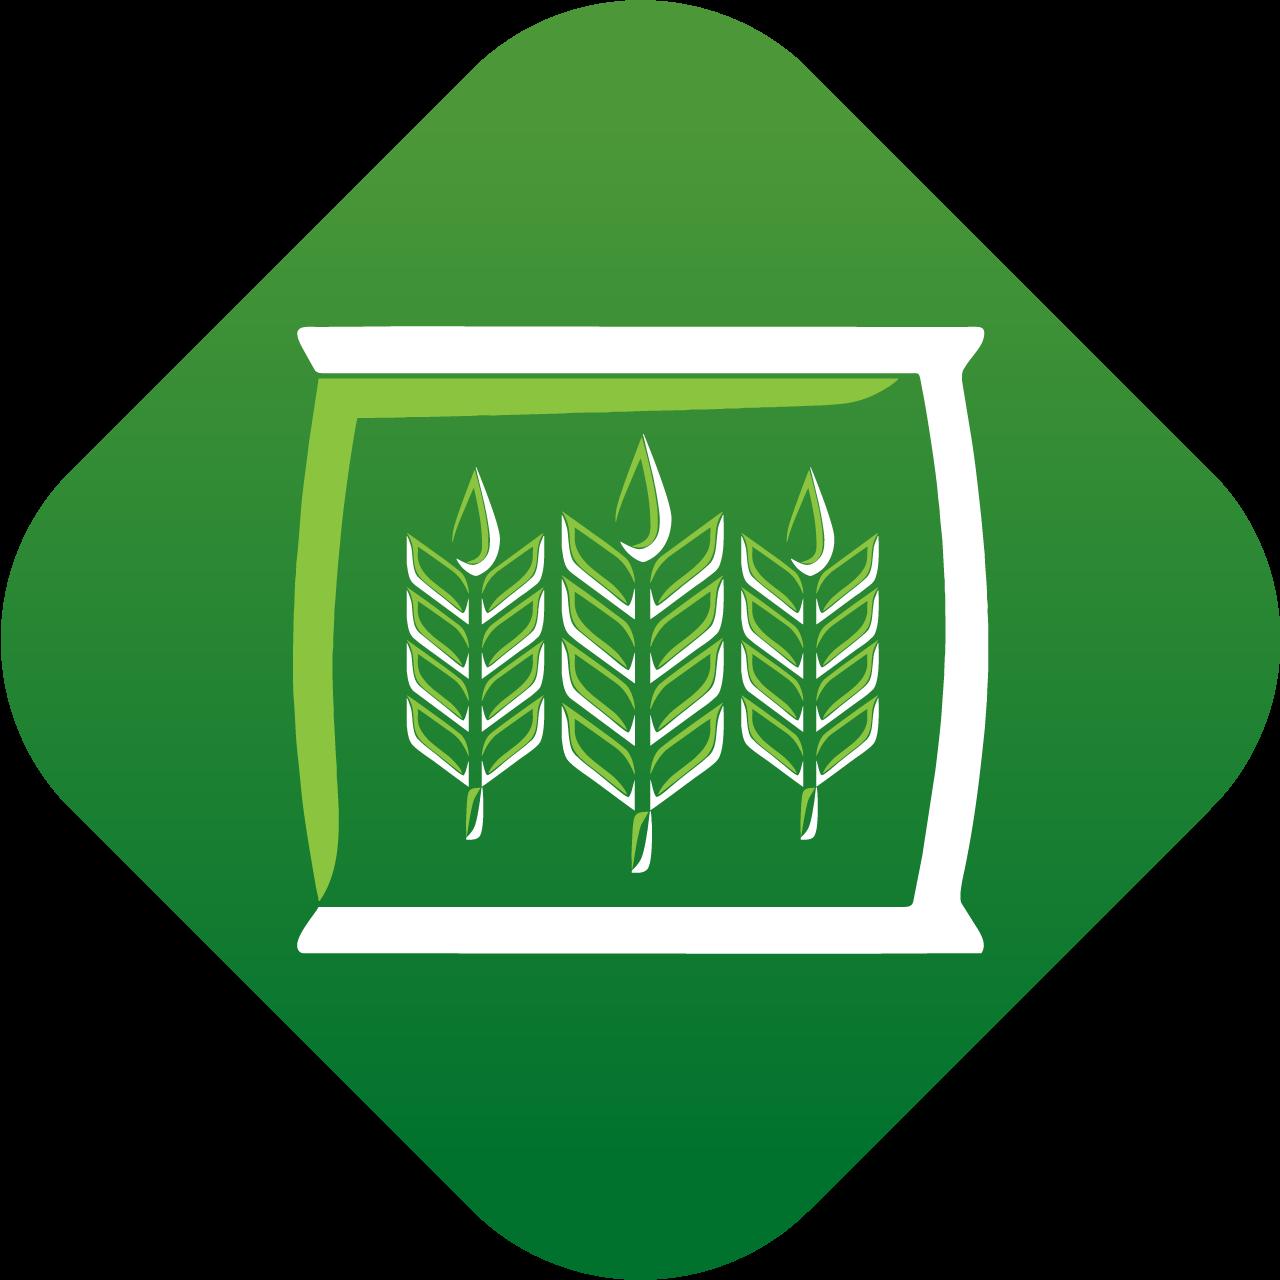 Növényvédő szer és műtrágya - Gazdálkodás